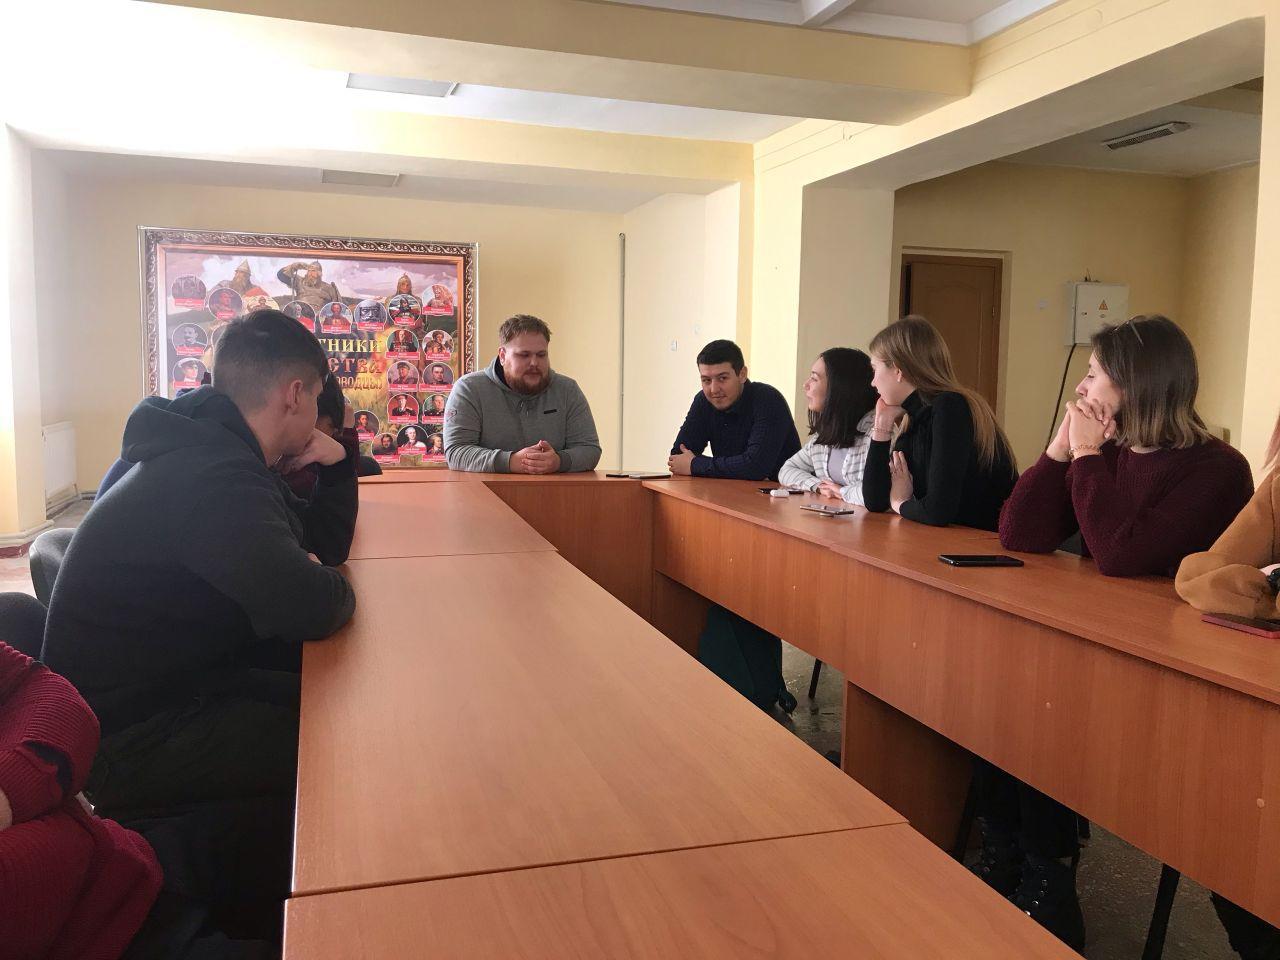 Тренинг для активистов проектов «Молодая Гвардия» состоялся в Стаханове 1